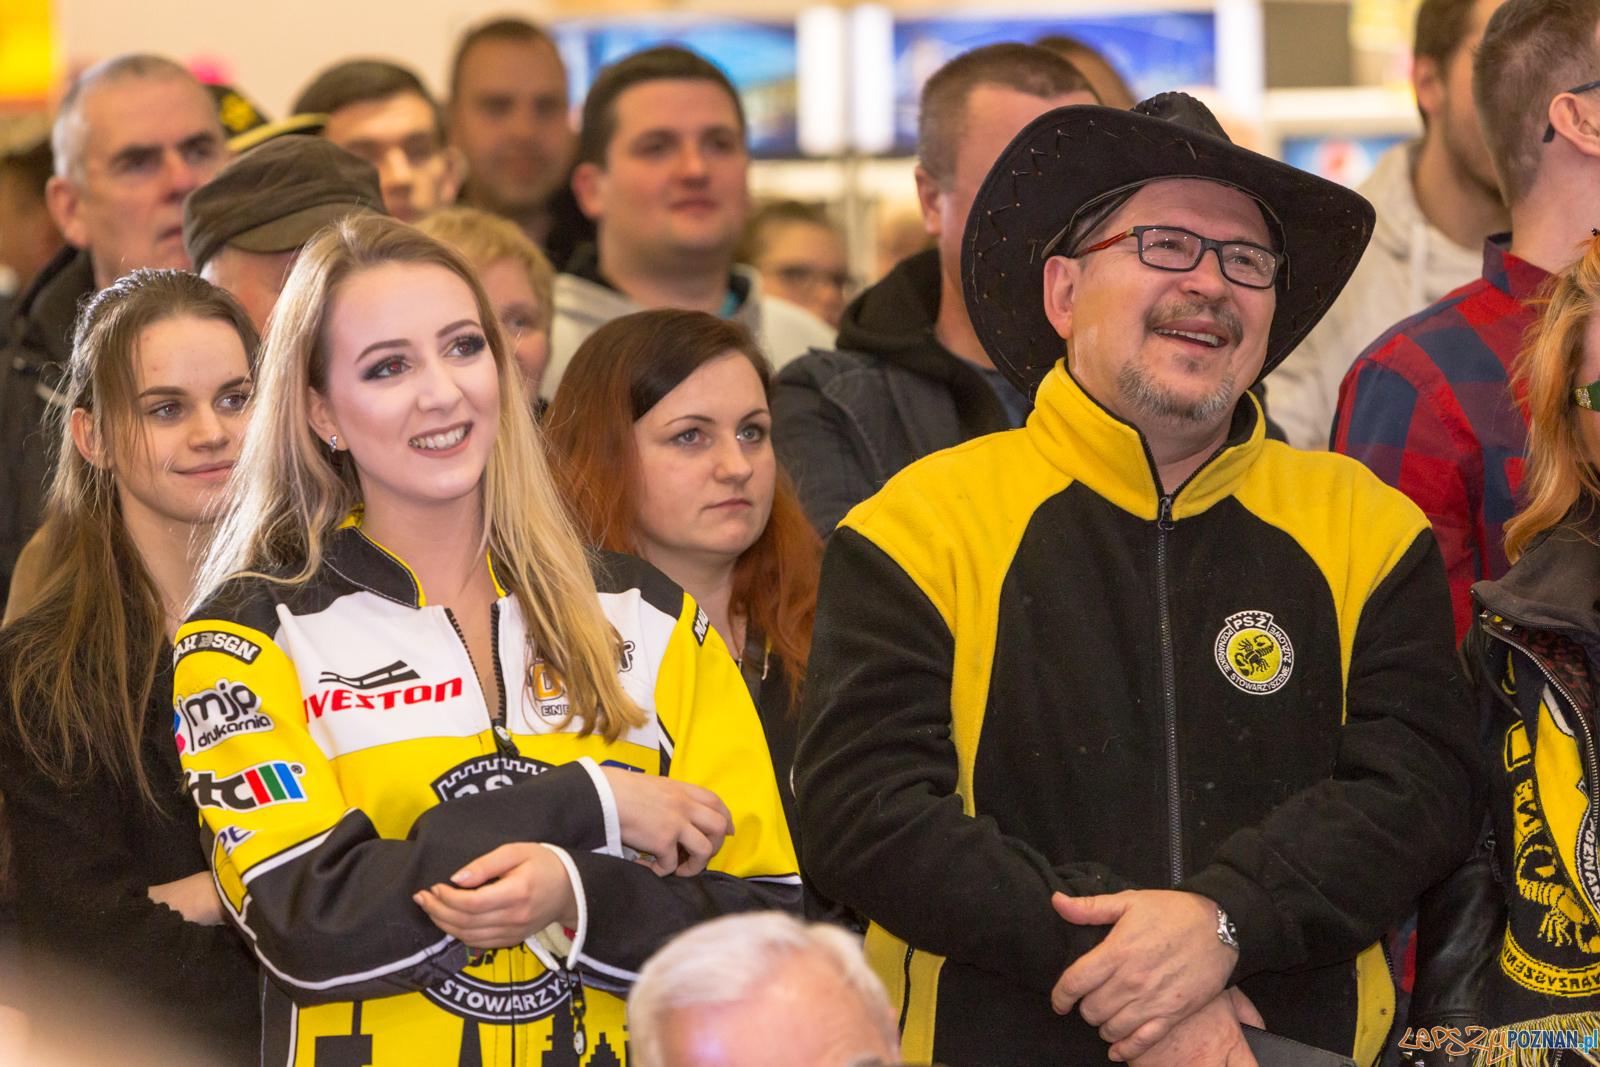 Prezentacja drużyny Power Duck Iveston PSŻ Poznań  Foto: lepszyPOZNAN.pl/Piotr Rychter